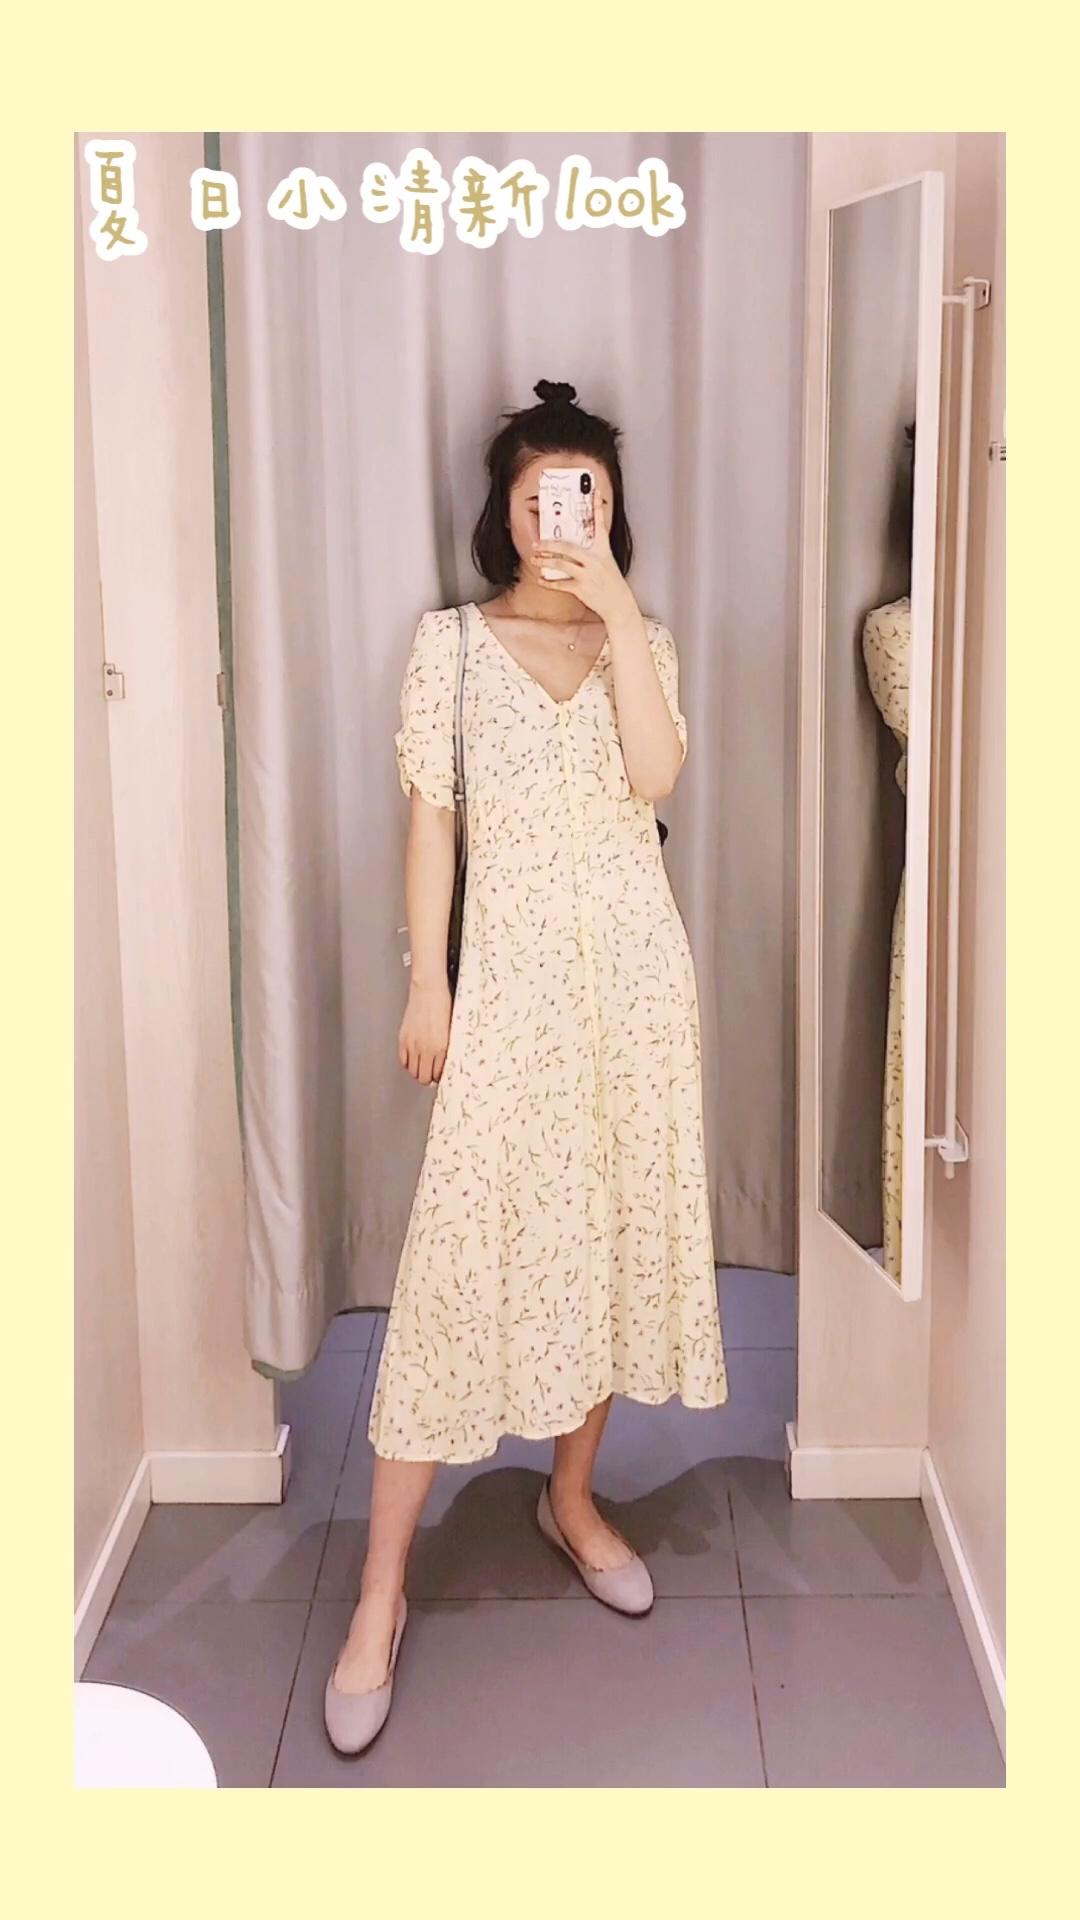 #emoji穿上身,我是小可爱本人#黄色的连衣裙可爱的不得了啦!长长的连衣裙特别的淑女,而且很甜~夏日就是多姿多彩的,碎花连衣裙特别的温柔,很显气质,裙子的v领设计,也是特别的有气质啦,收腰设计,很是显身材,裙子的长度也是非常ok的,遮住了腿部的肉肉,嘻嘻,穿上温柔的裙裙,享受甜甜的恋爱吧~